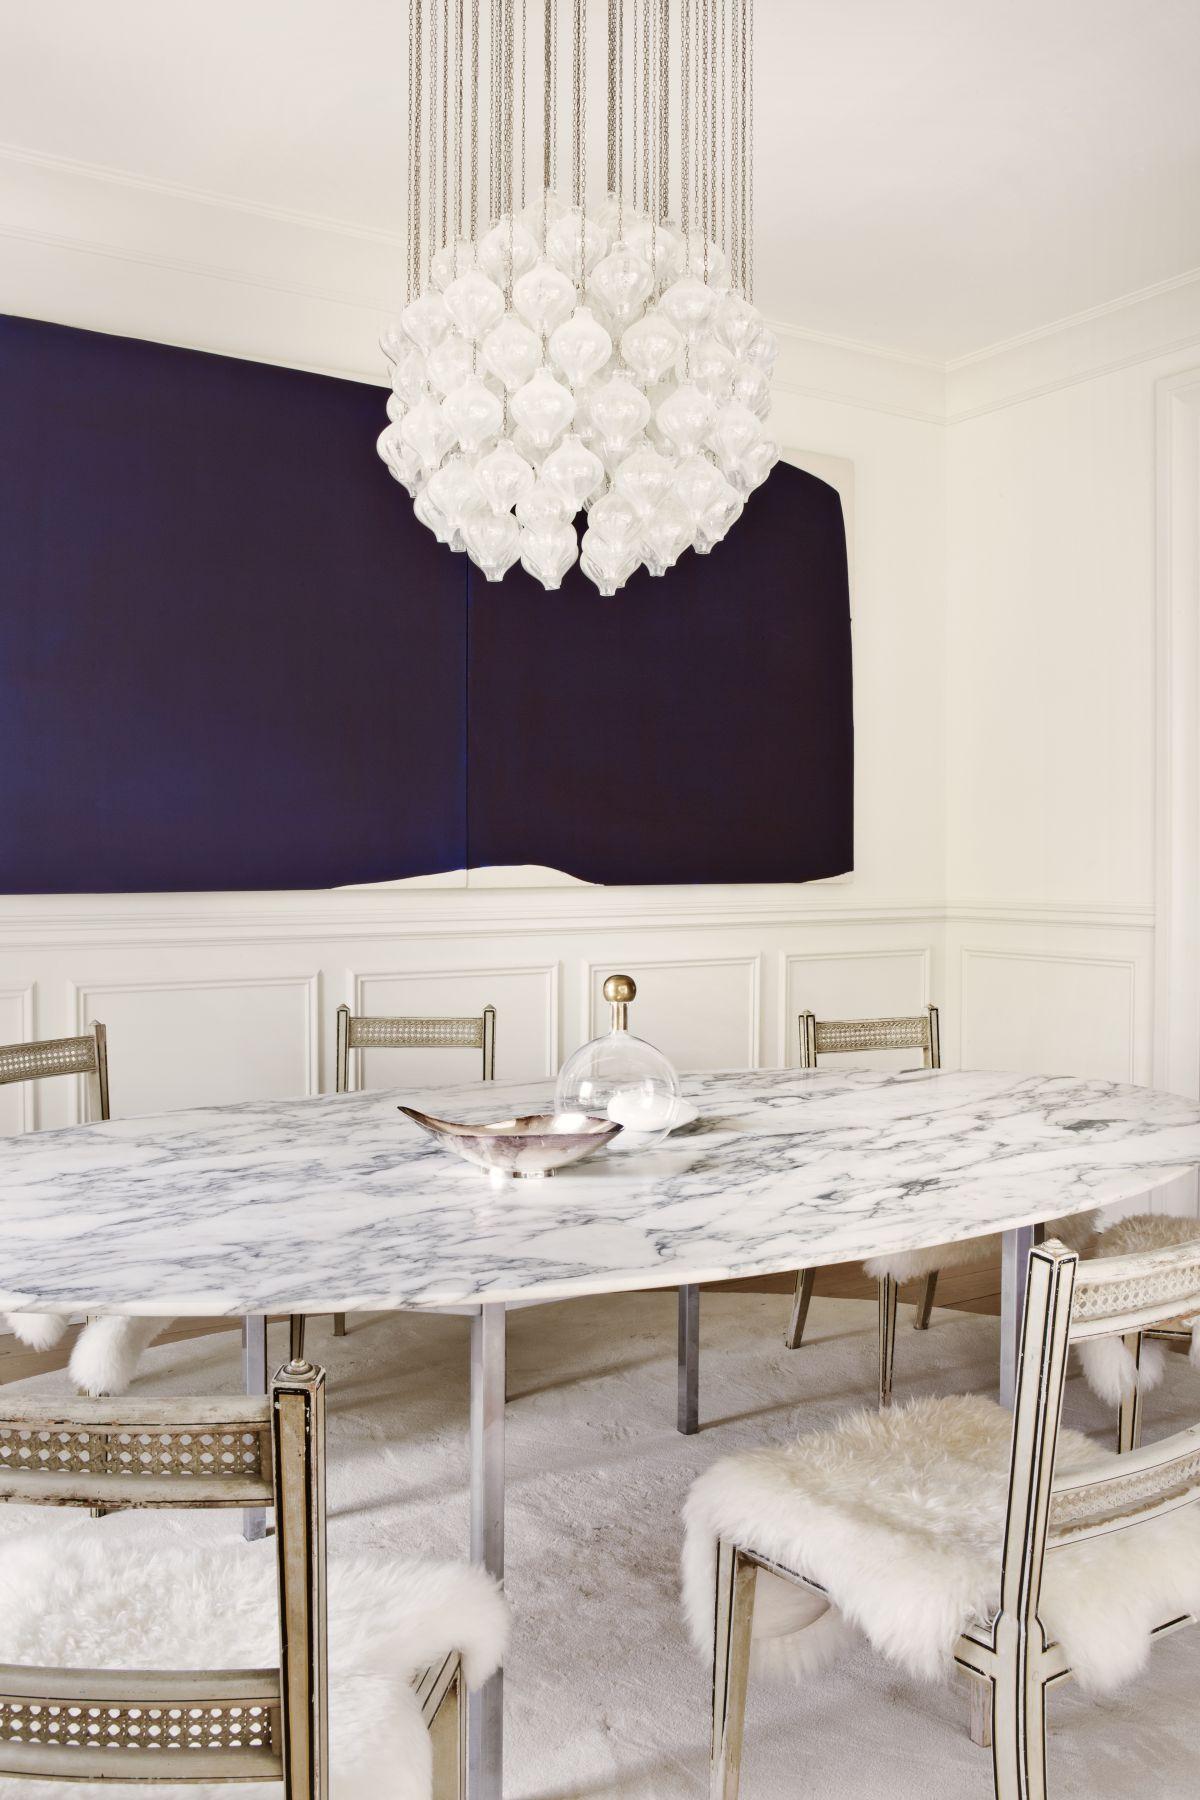 543 Dining Room